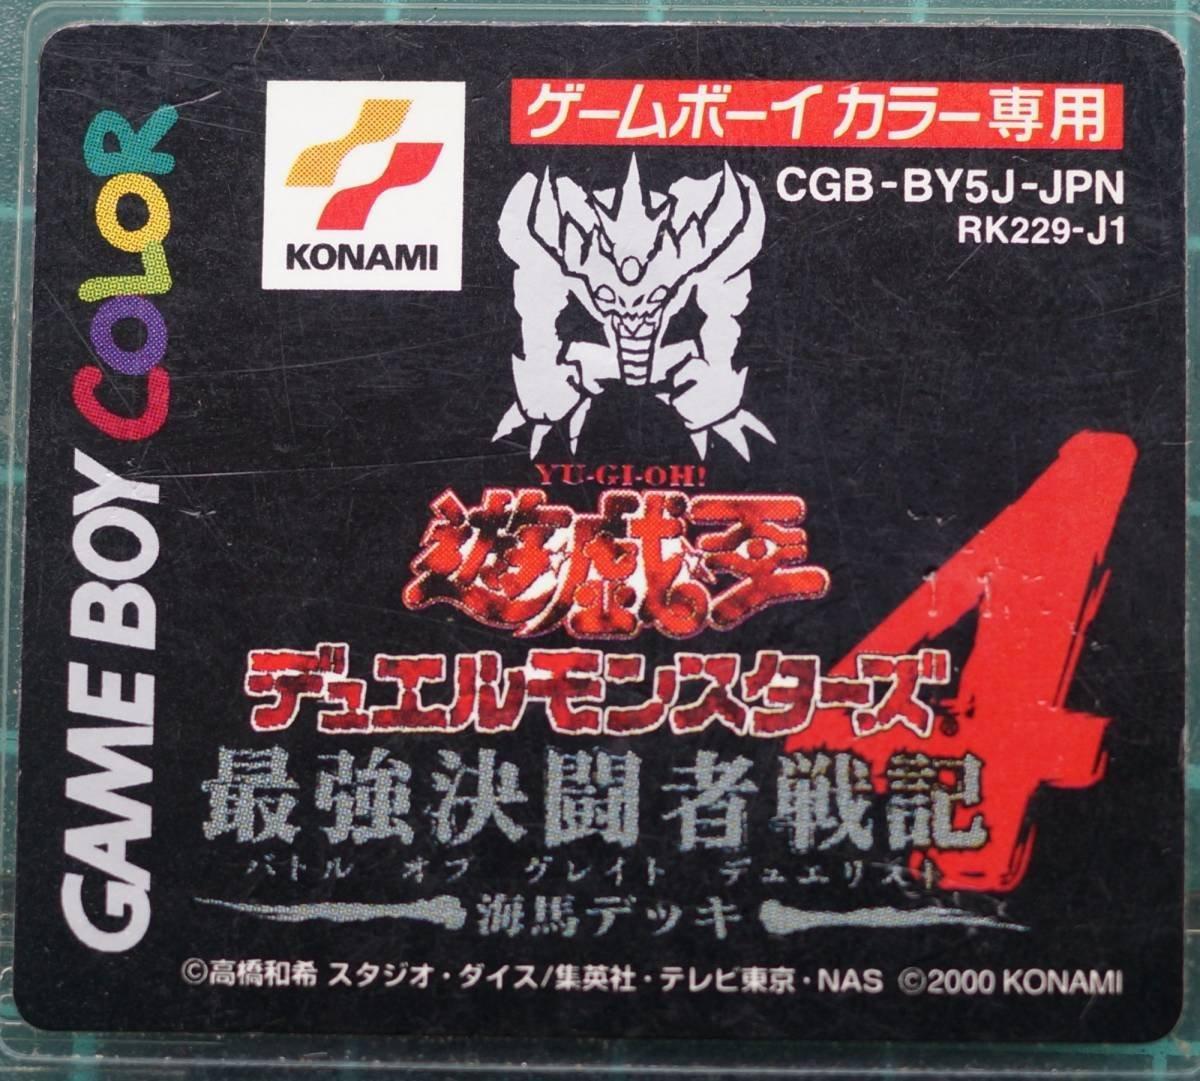 ゲームボーイ カラーカートリッジ : 遊戯王 デュエルモンスターズ4 最強決闘者戦記 CGB-BY5J-JPN